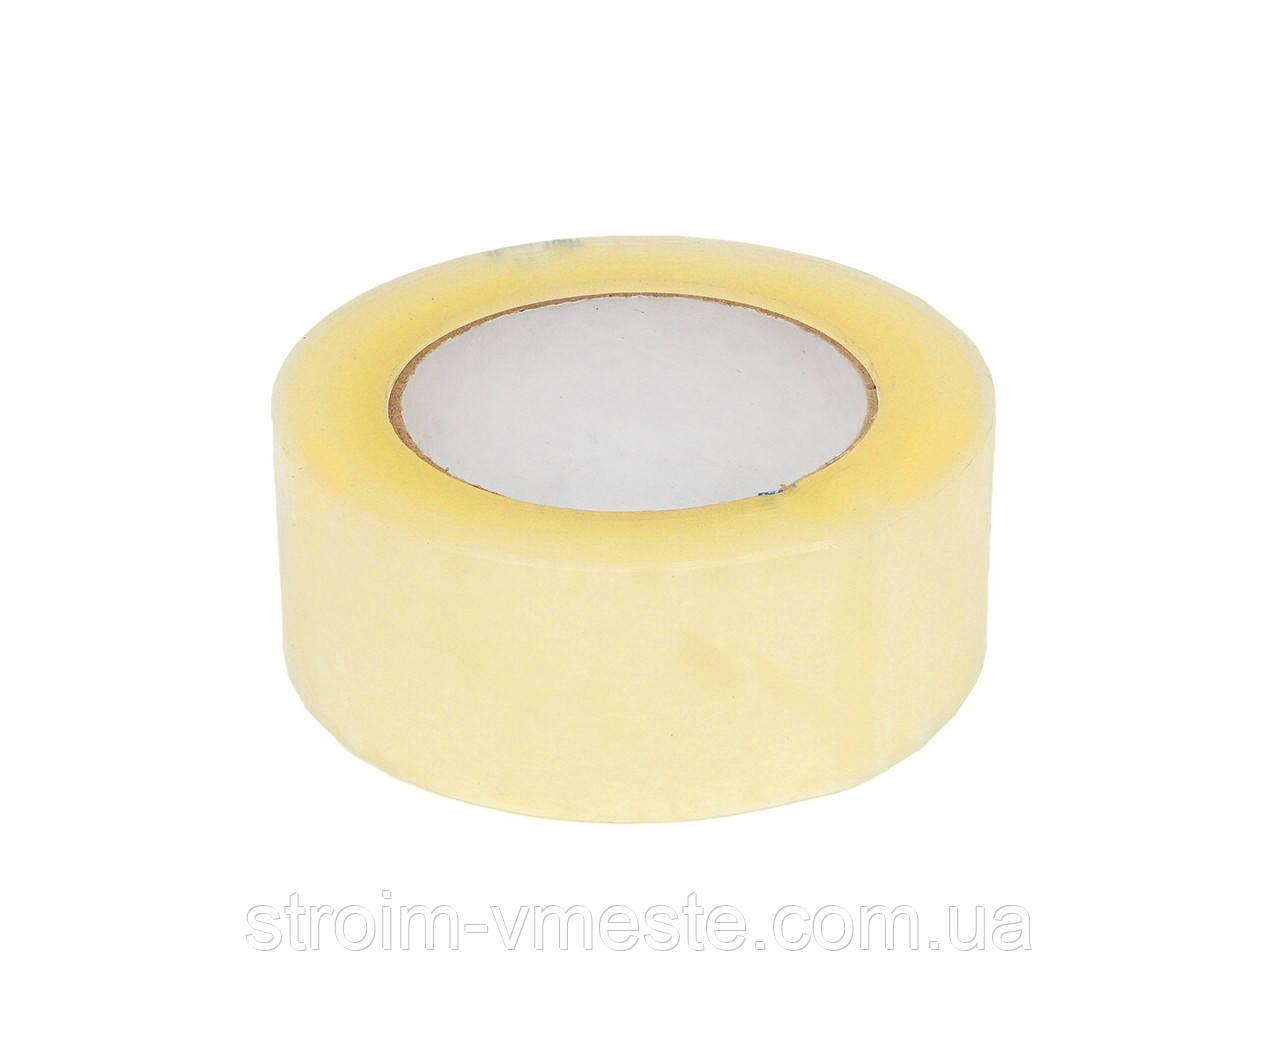 Скотч упаковочный прозрачный Украина 45 мм х 100 м